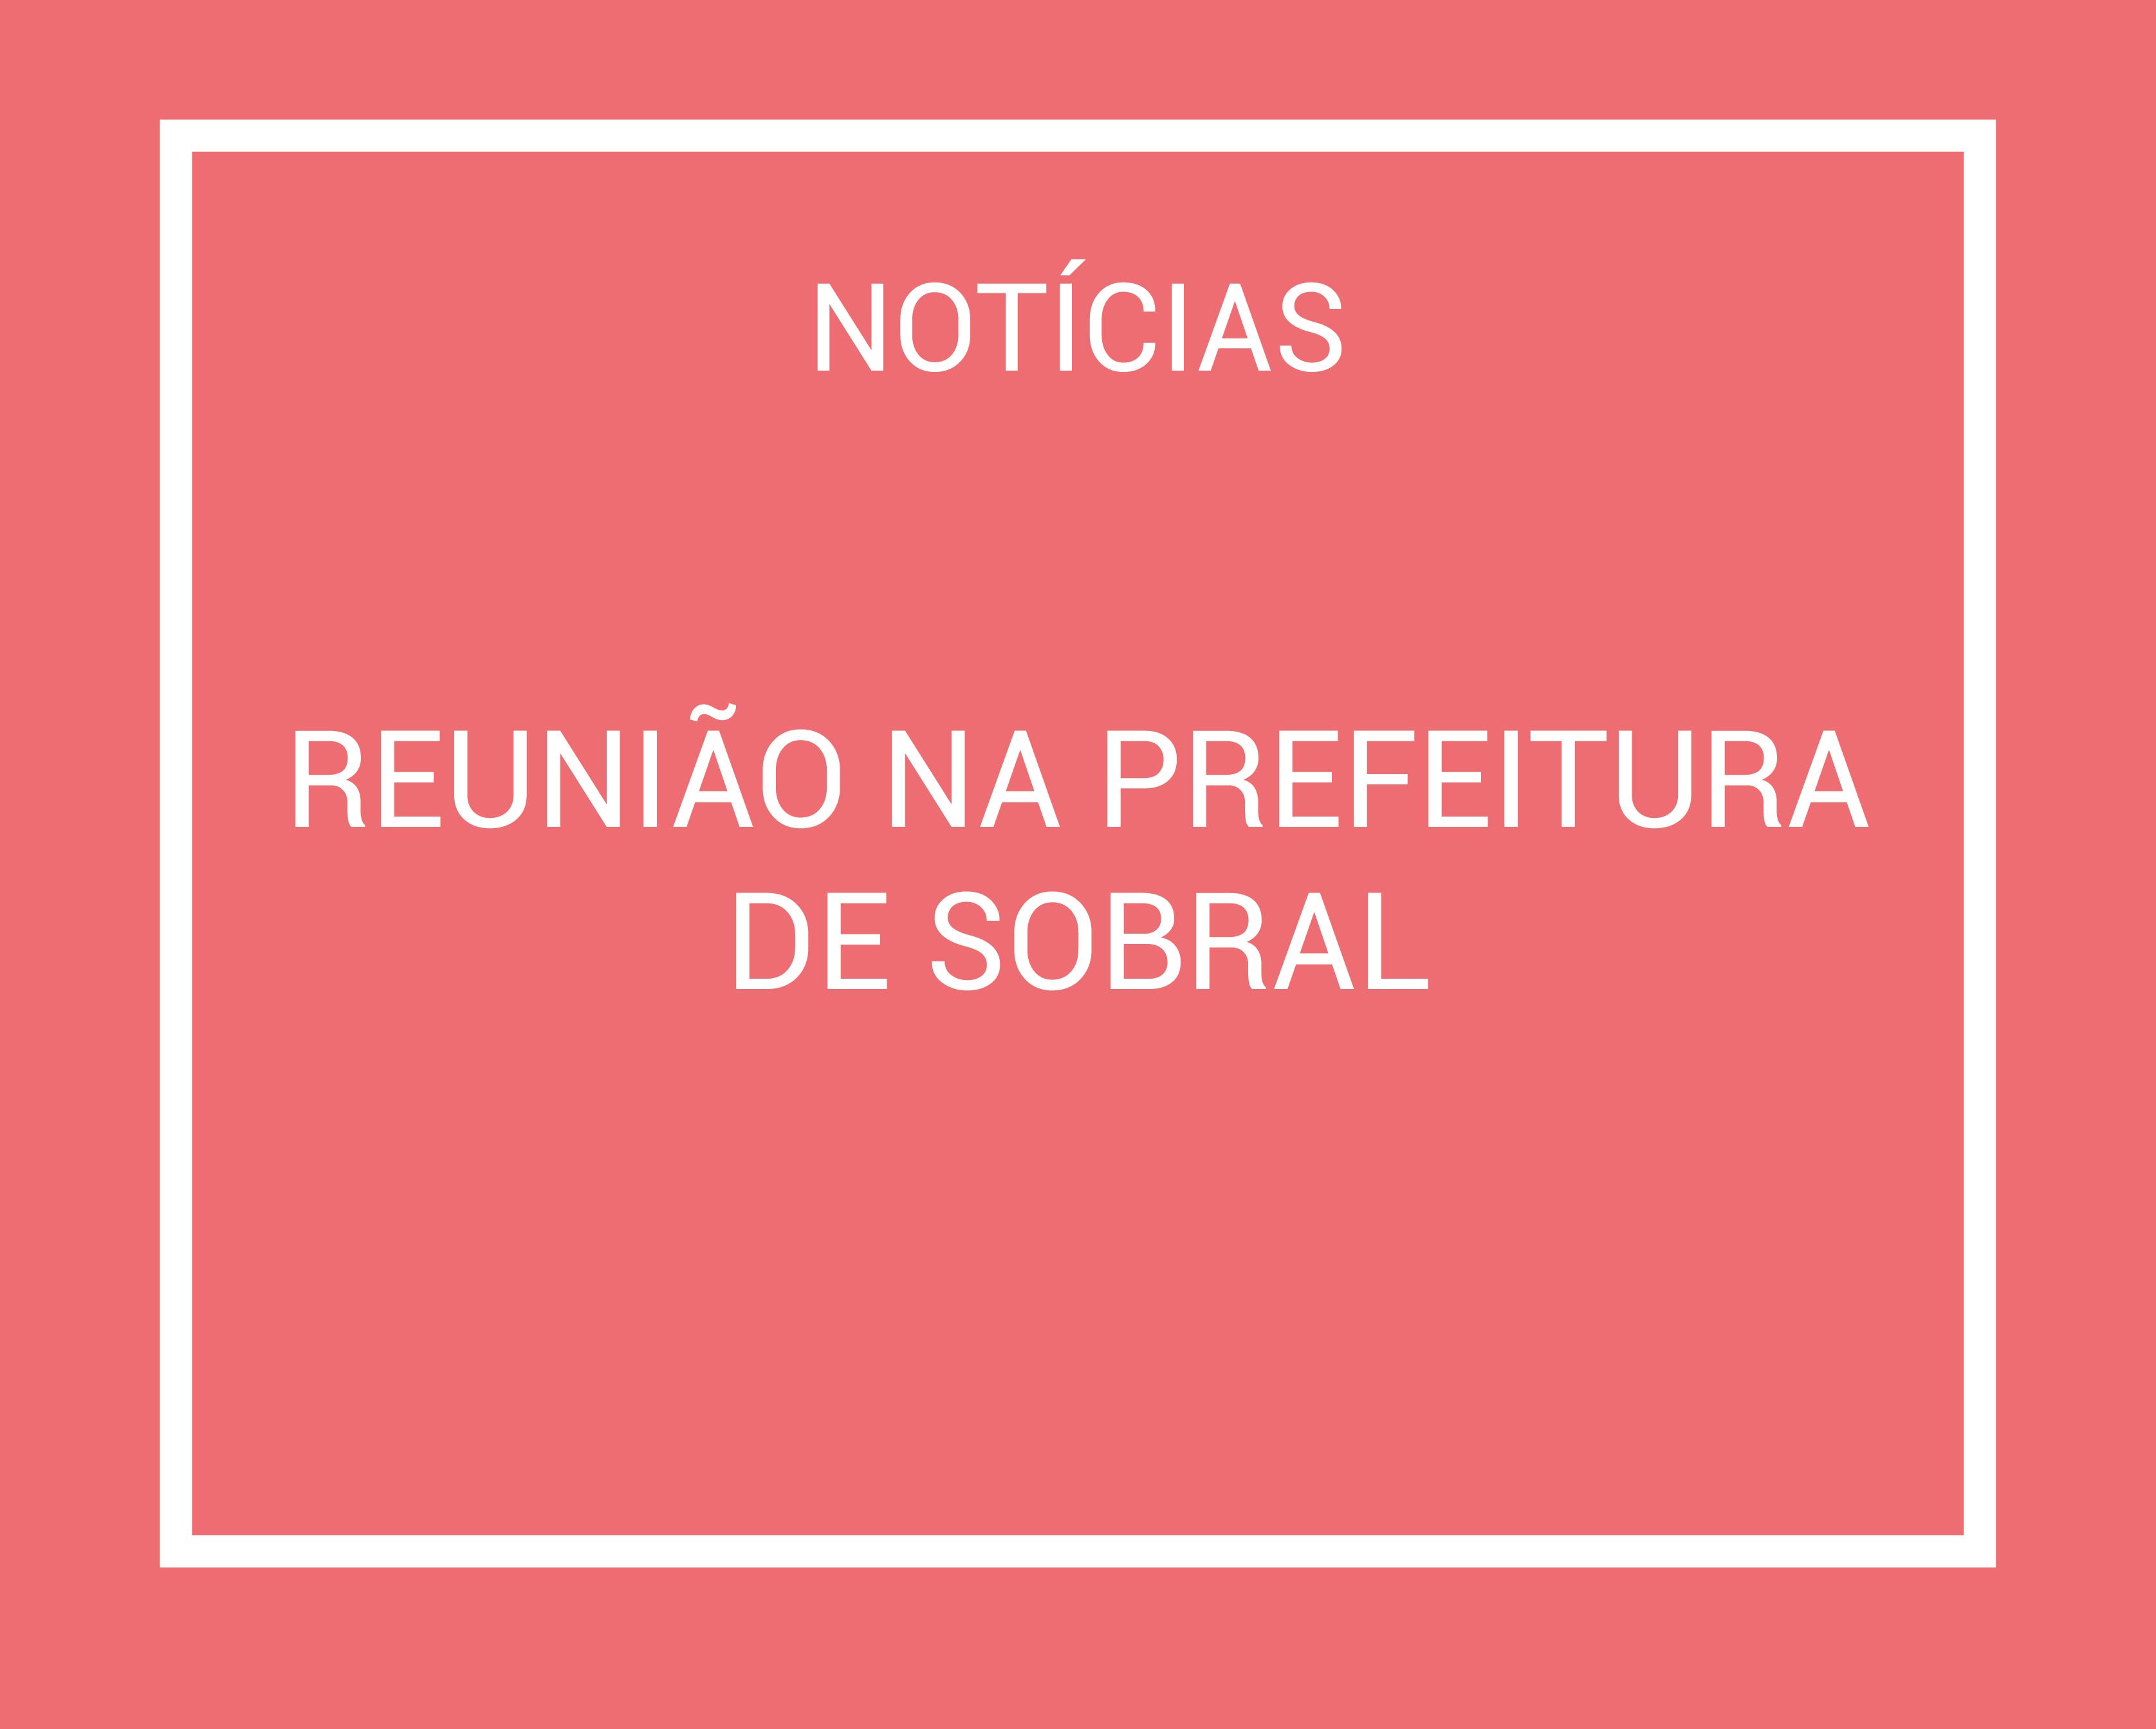 Reunião na prefeitura de Sobral@10x